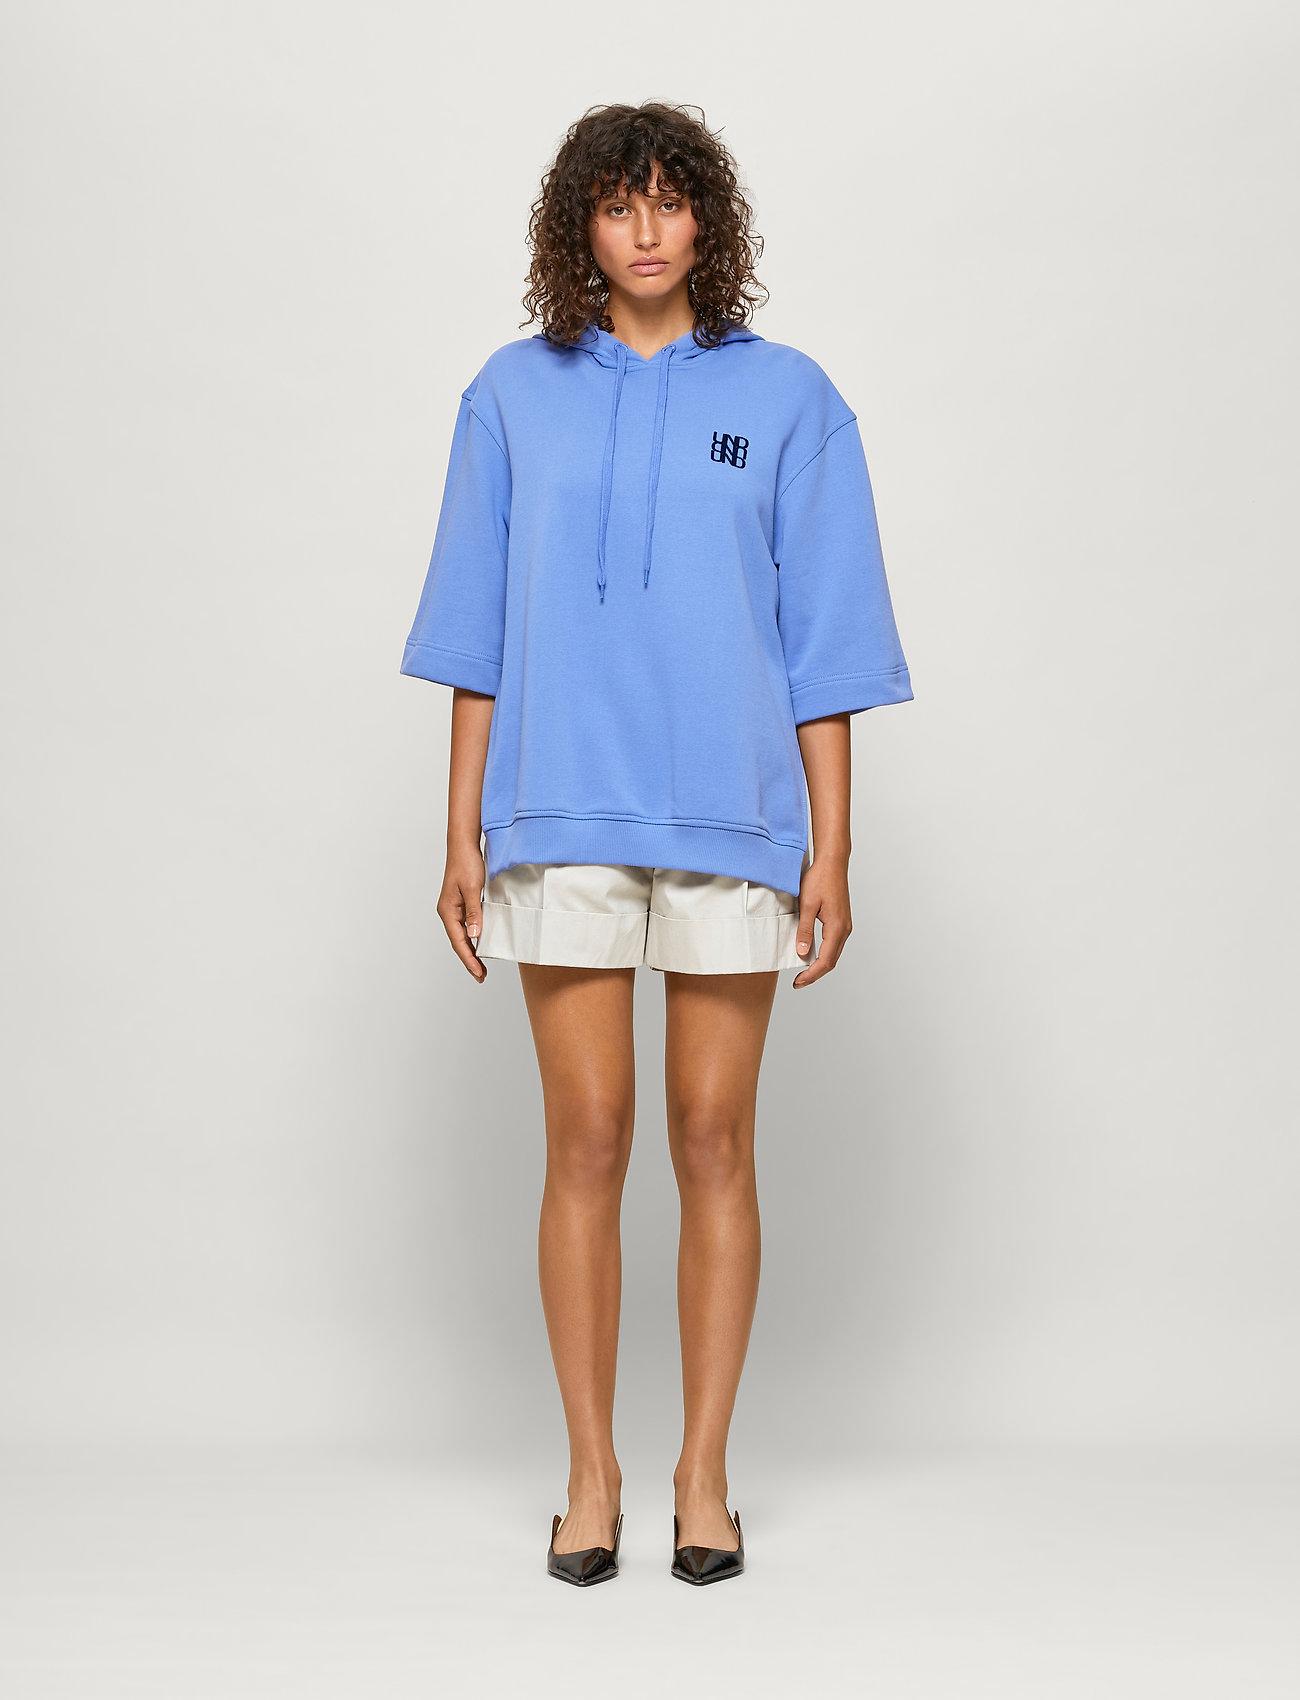 Baum und Pferdgarten - JURA - sweatshirts & hoodies - wedgewood blue - 0